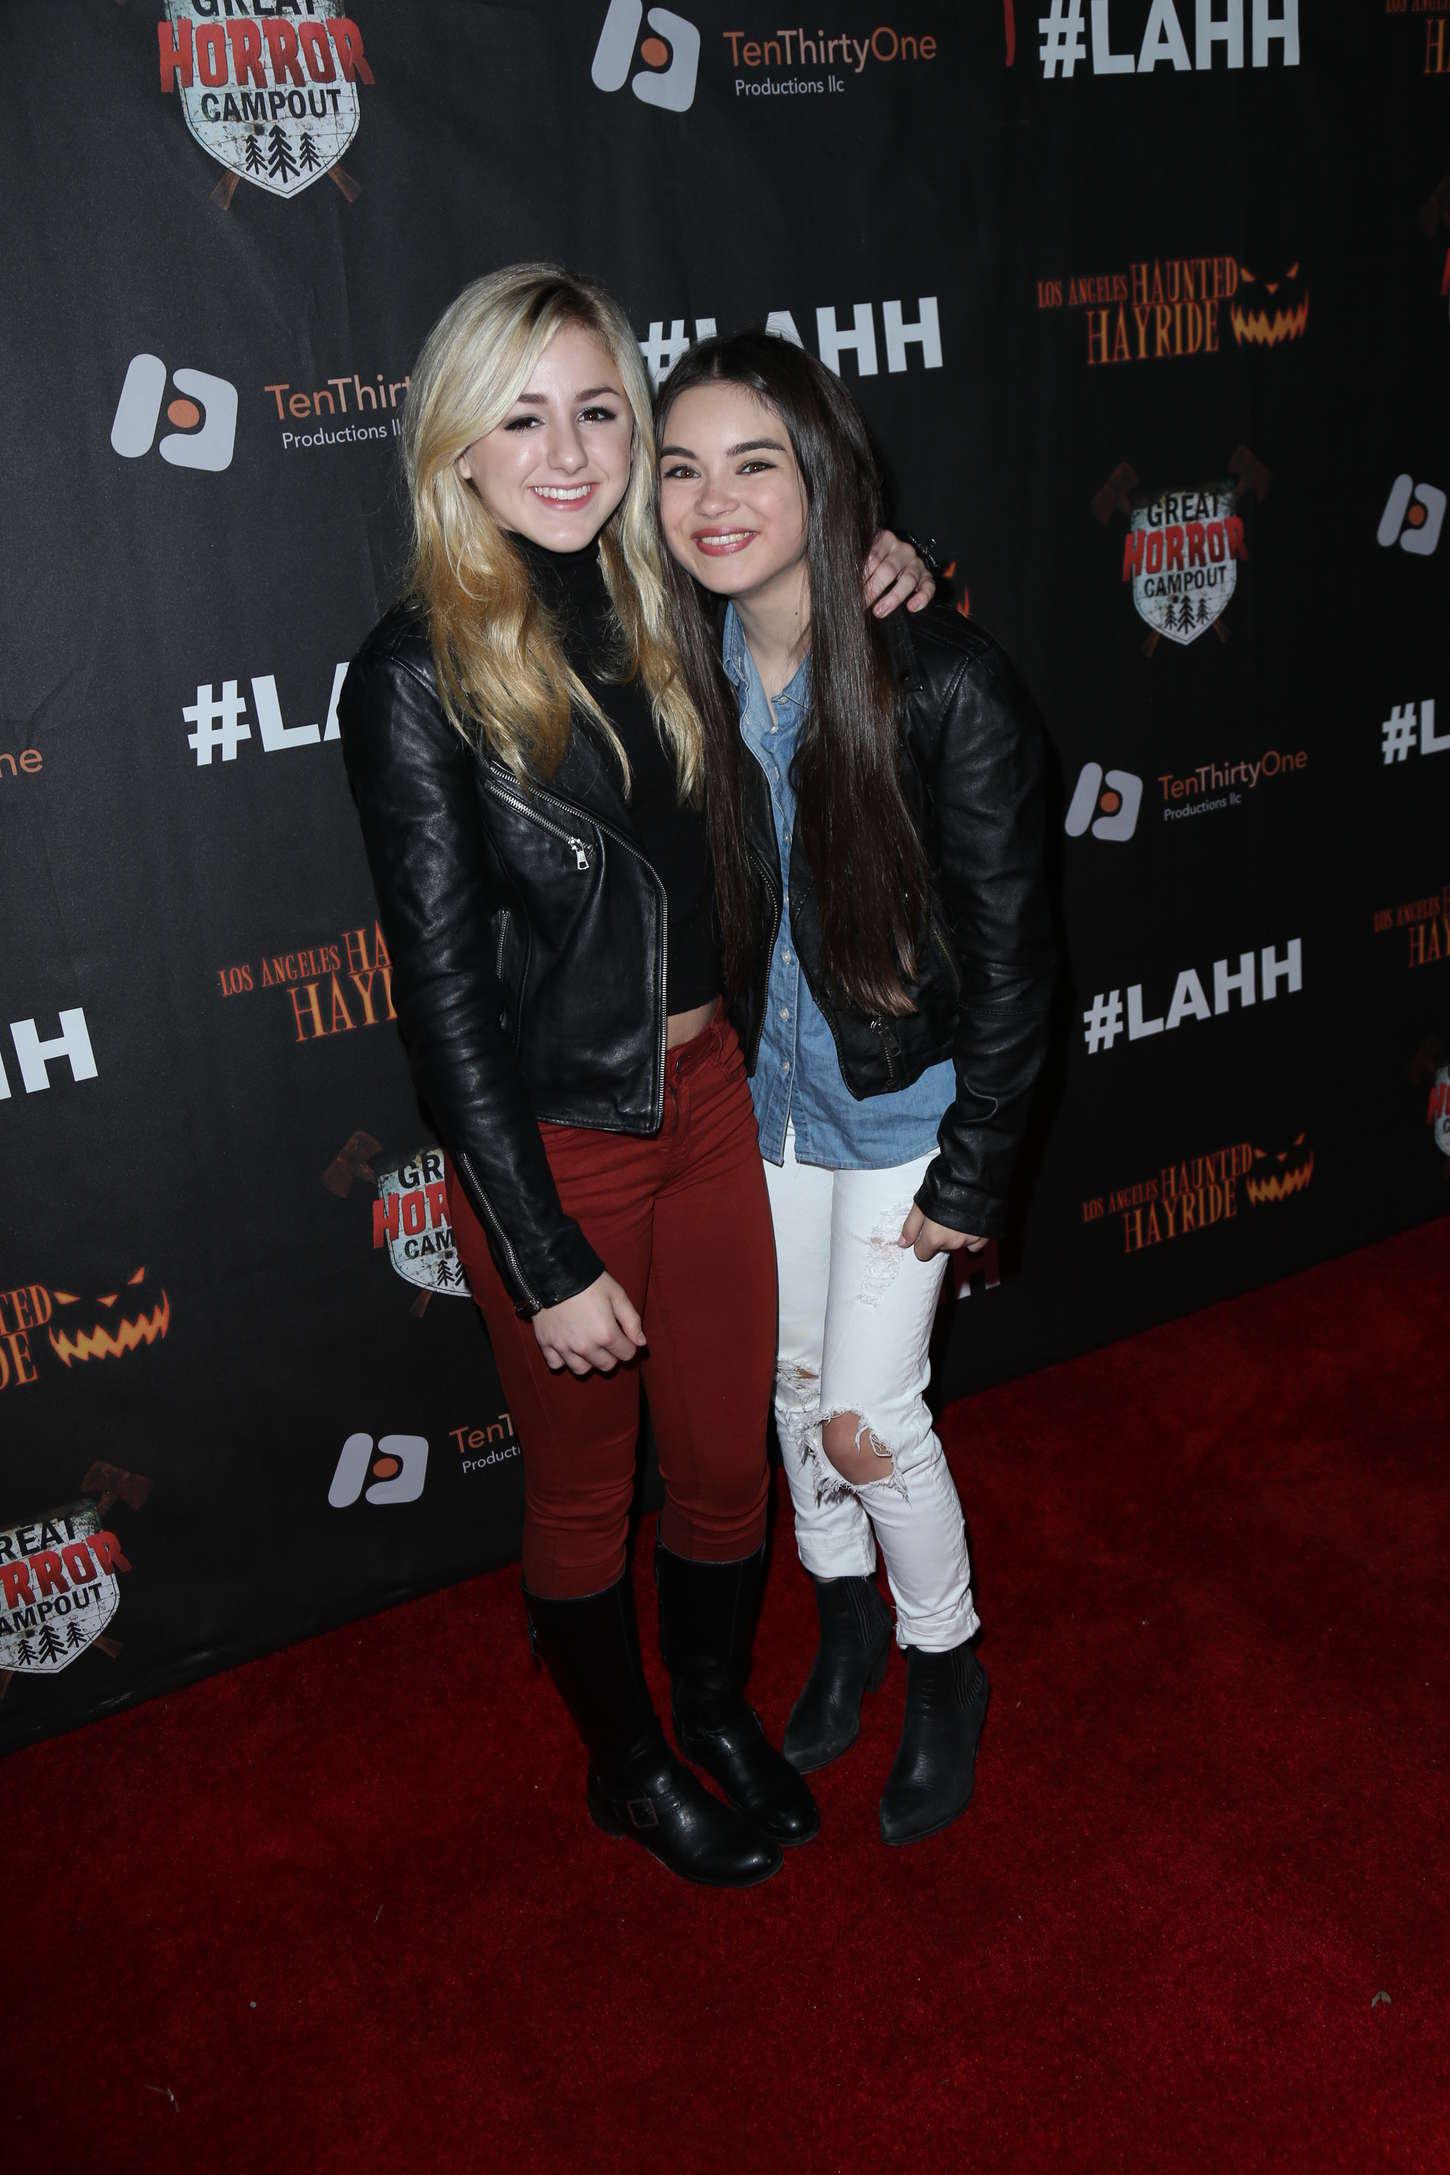 Chloe Lukasiak Los Angeles Haunted Hayride Black Carpet Premiere Night